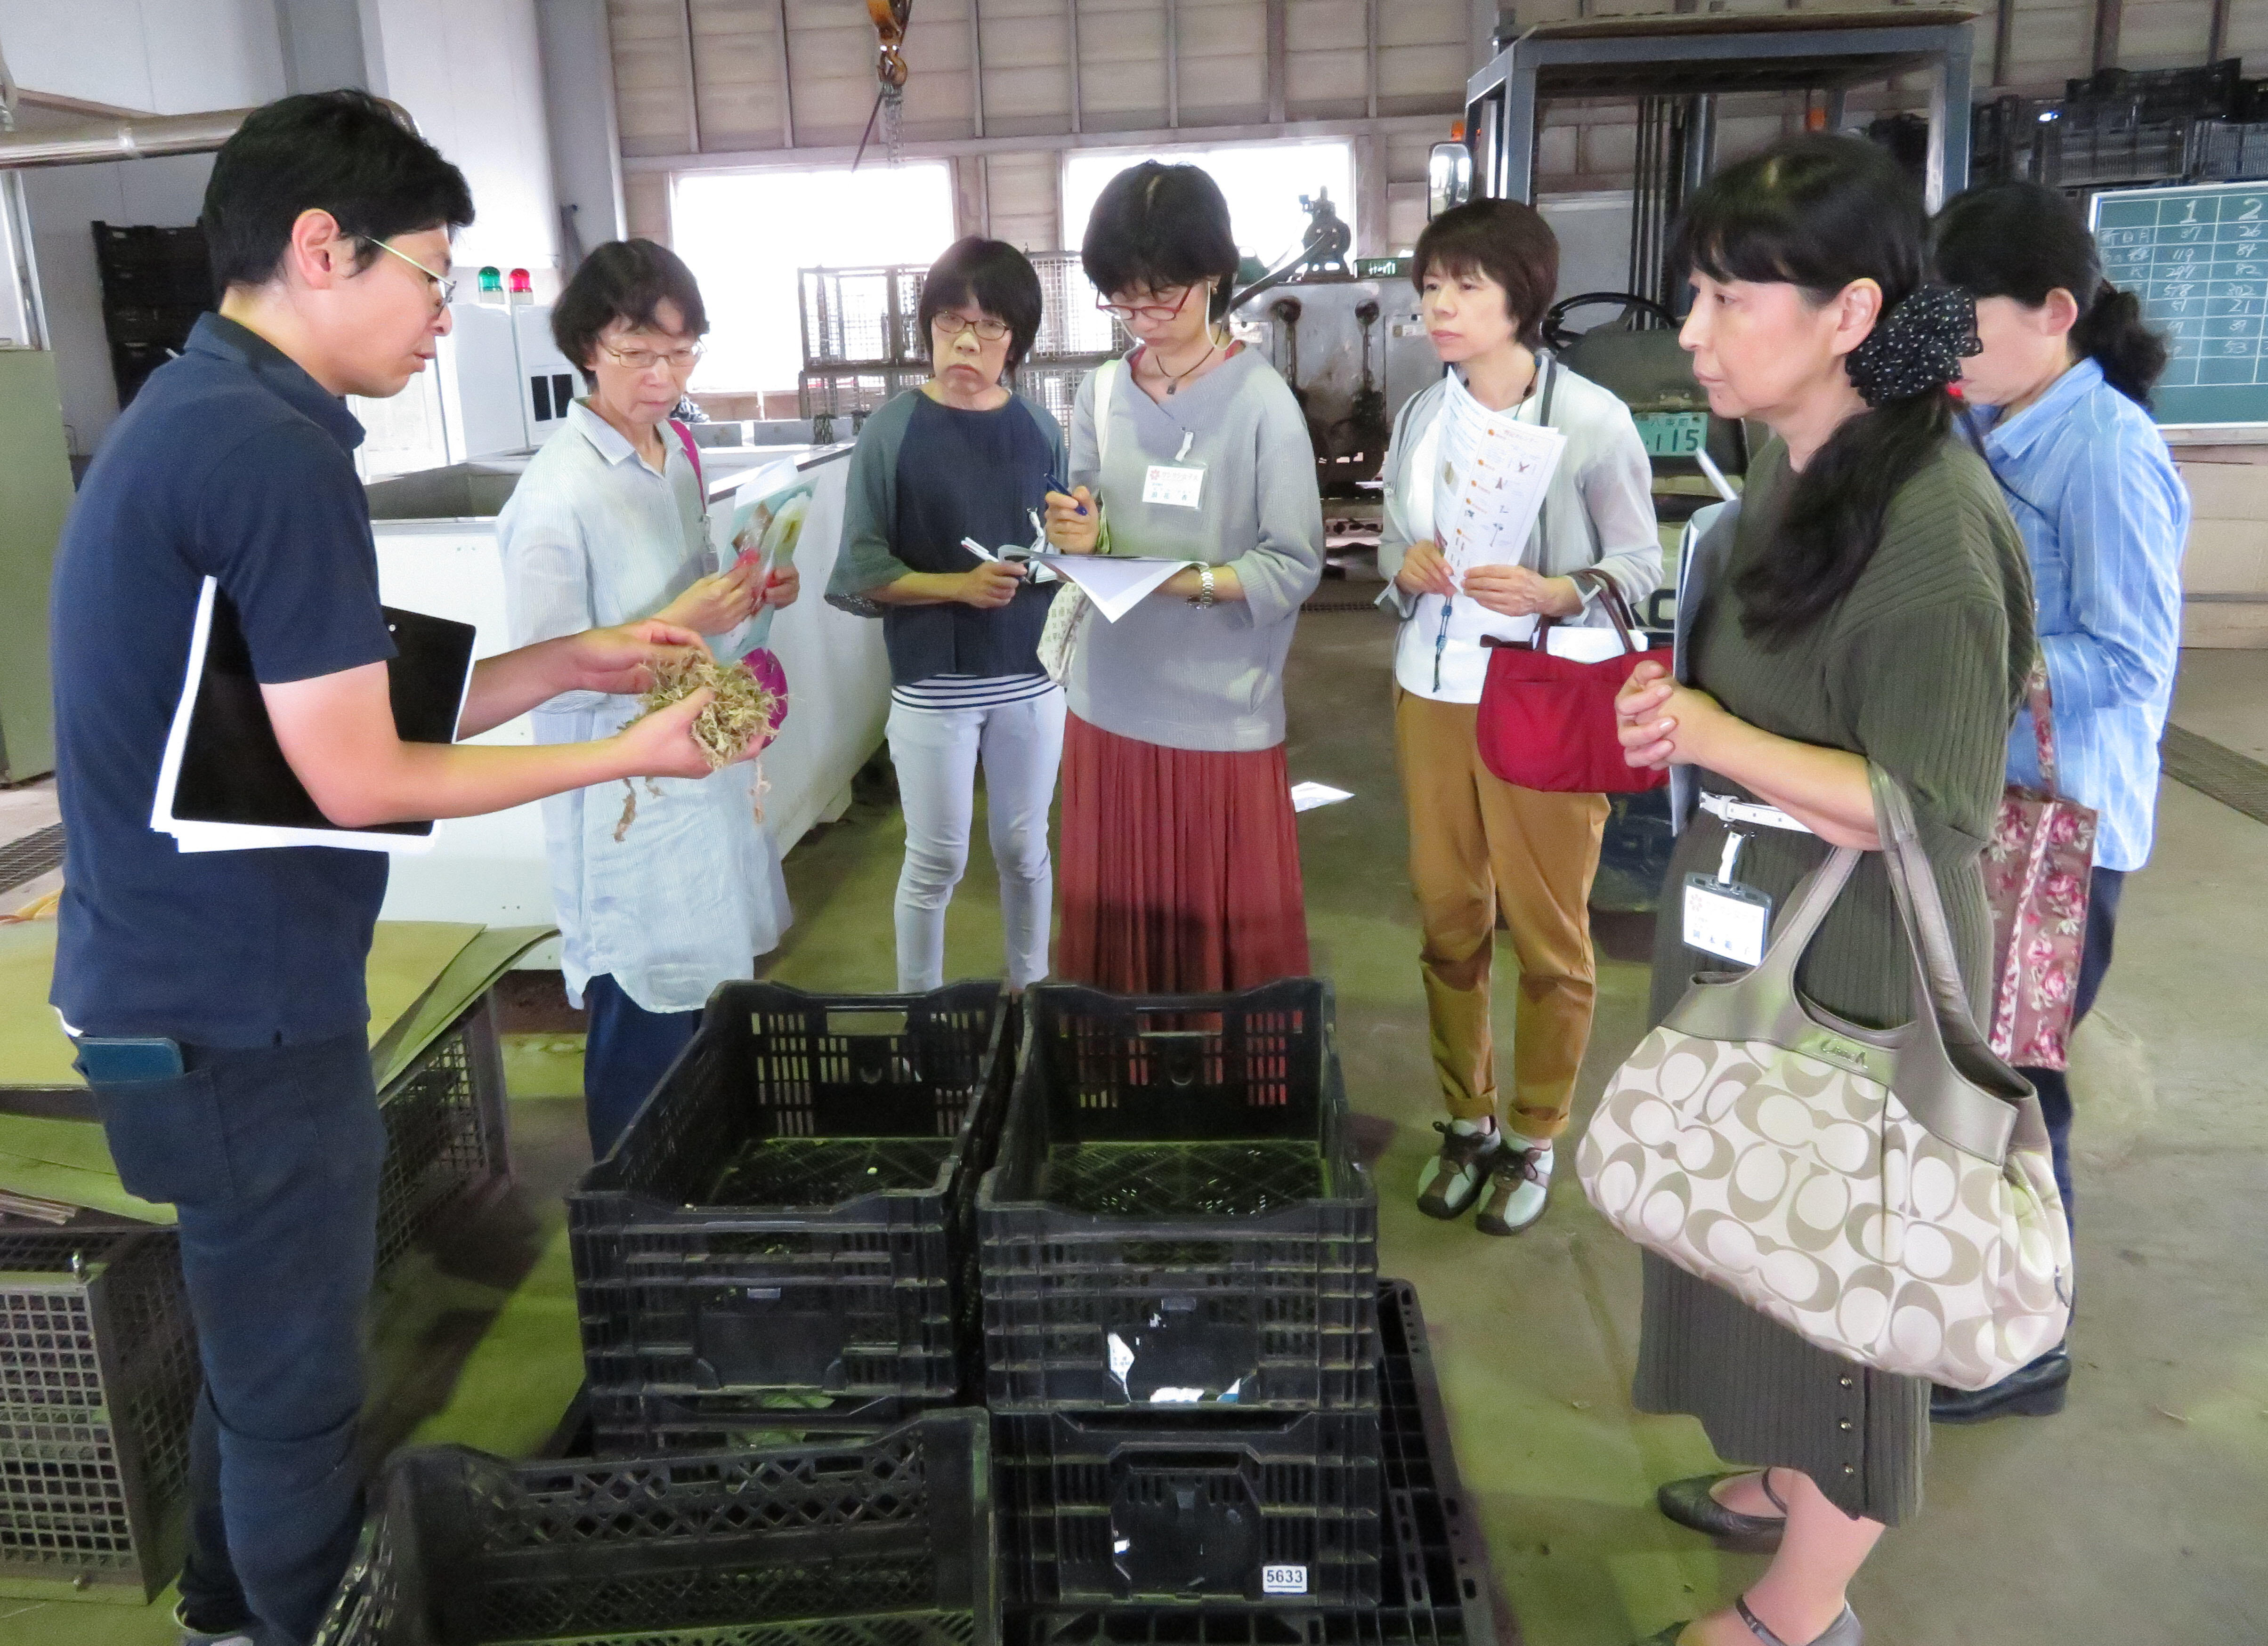 牡丹集出荷場で説明を受ける参加者.JPG